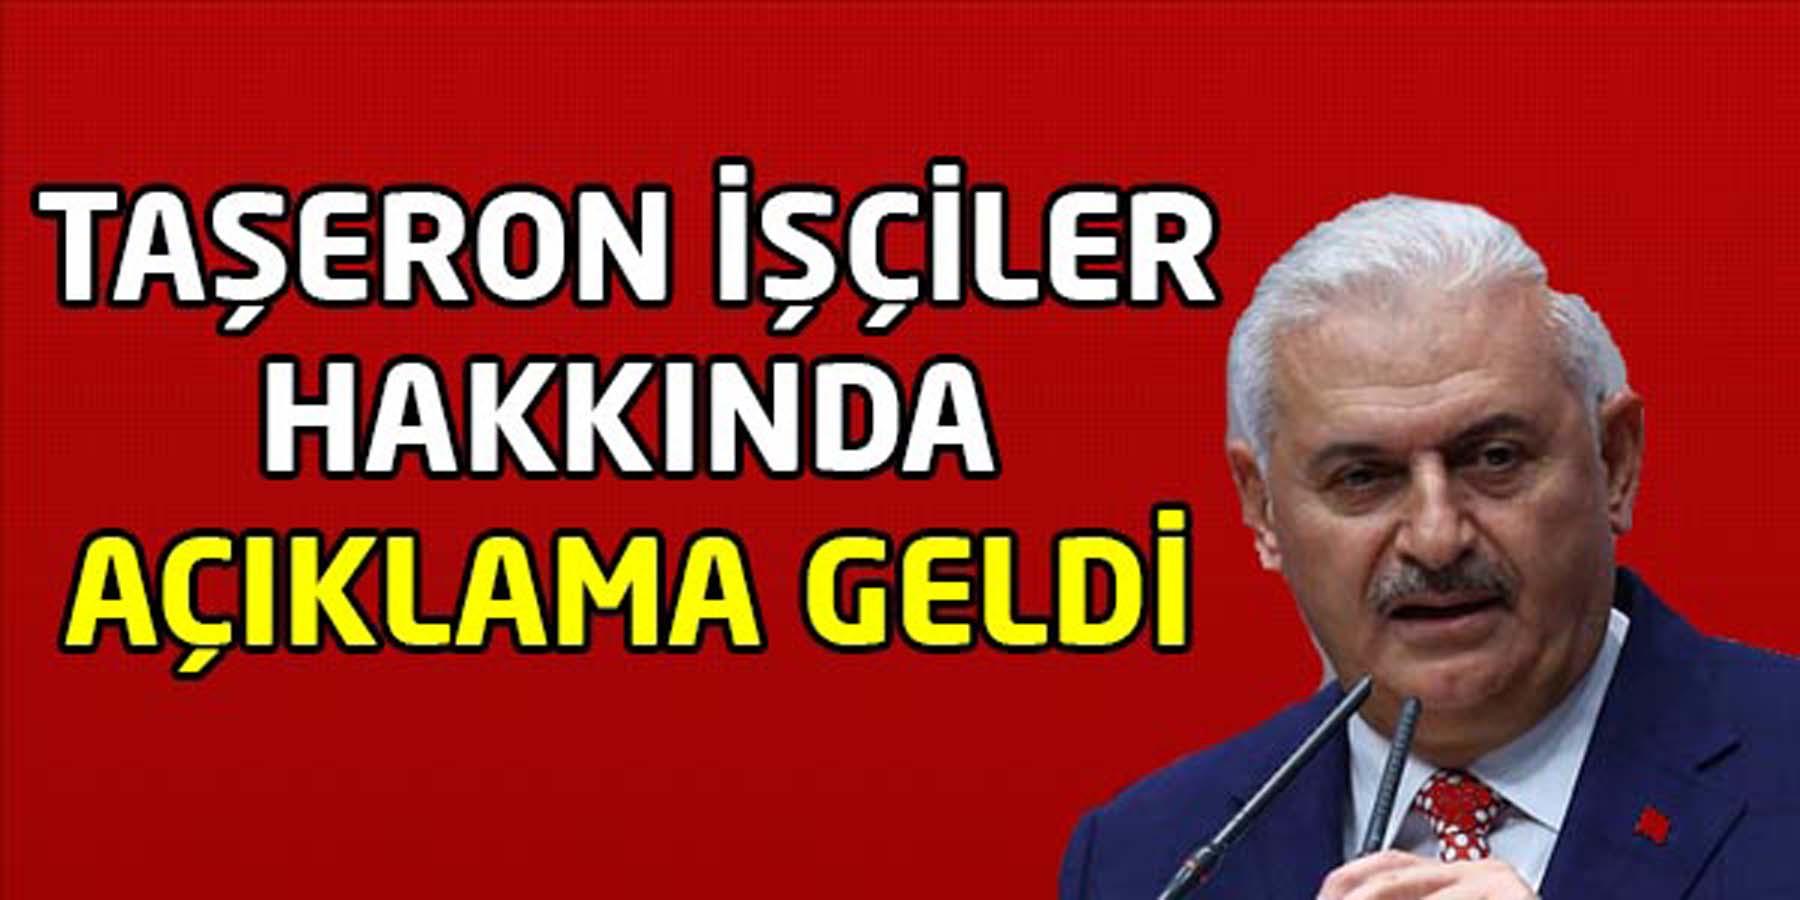 Başbakan Yıldırım'dan Taşeron İşçiler Hakkında Açıklama